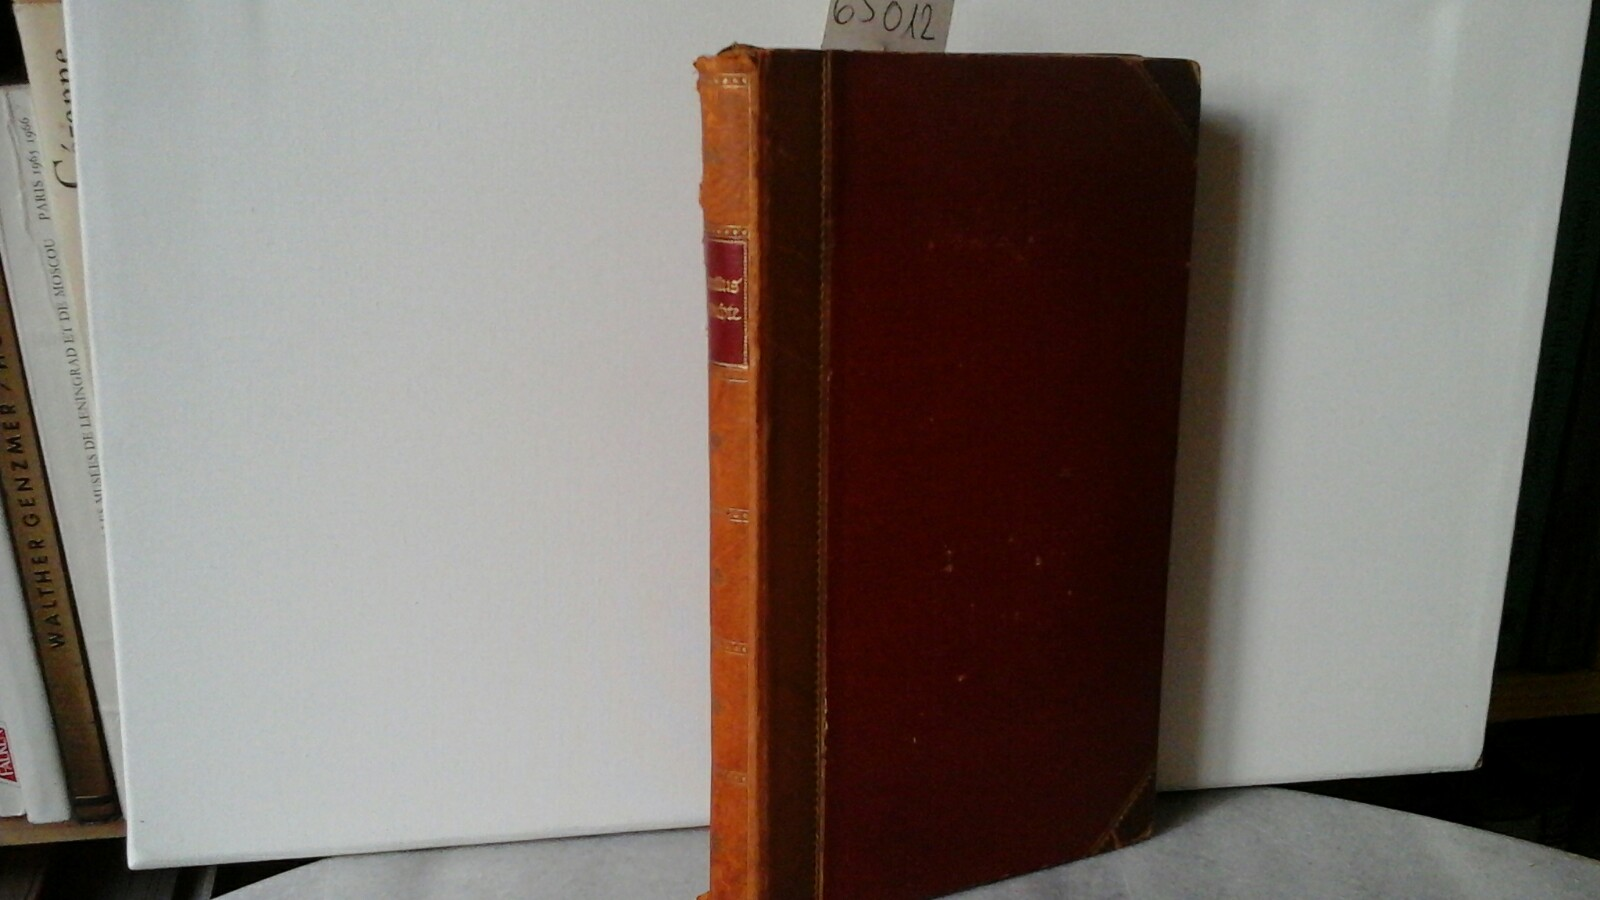 Gedichte. Vollständige Augabe. Deutsch von Max Brod, mit teilweiser Benützung der Übertragung von K.W. Ramler.